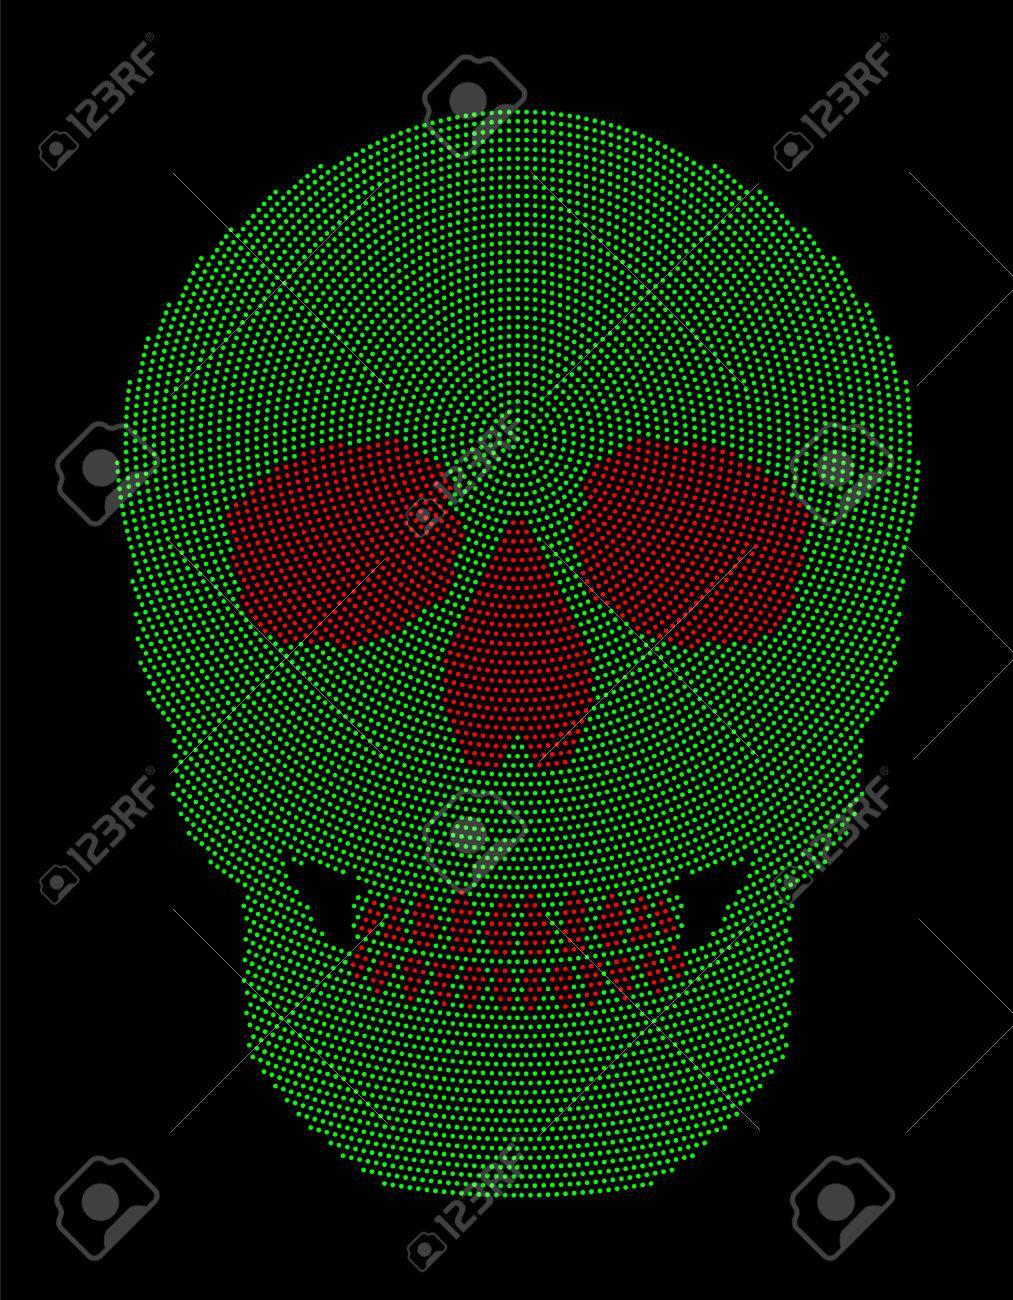 Modelo De Punto Radial Verde Y Rojo Cráneo. Símbolo De La Estructura ...